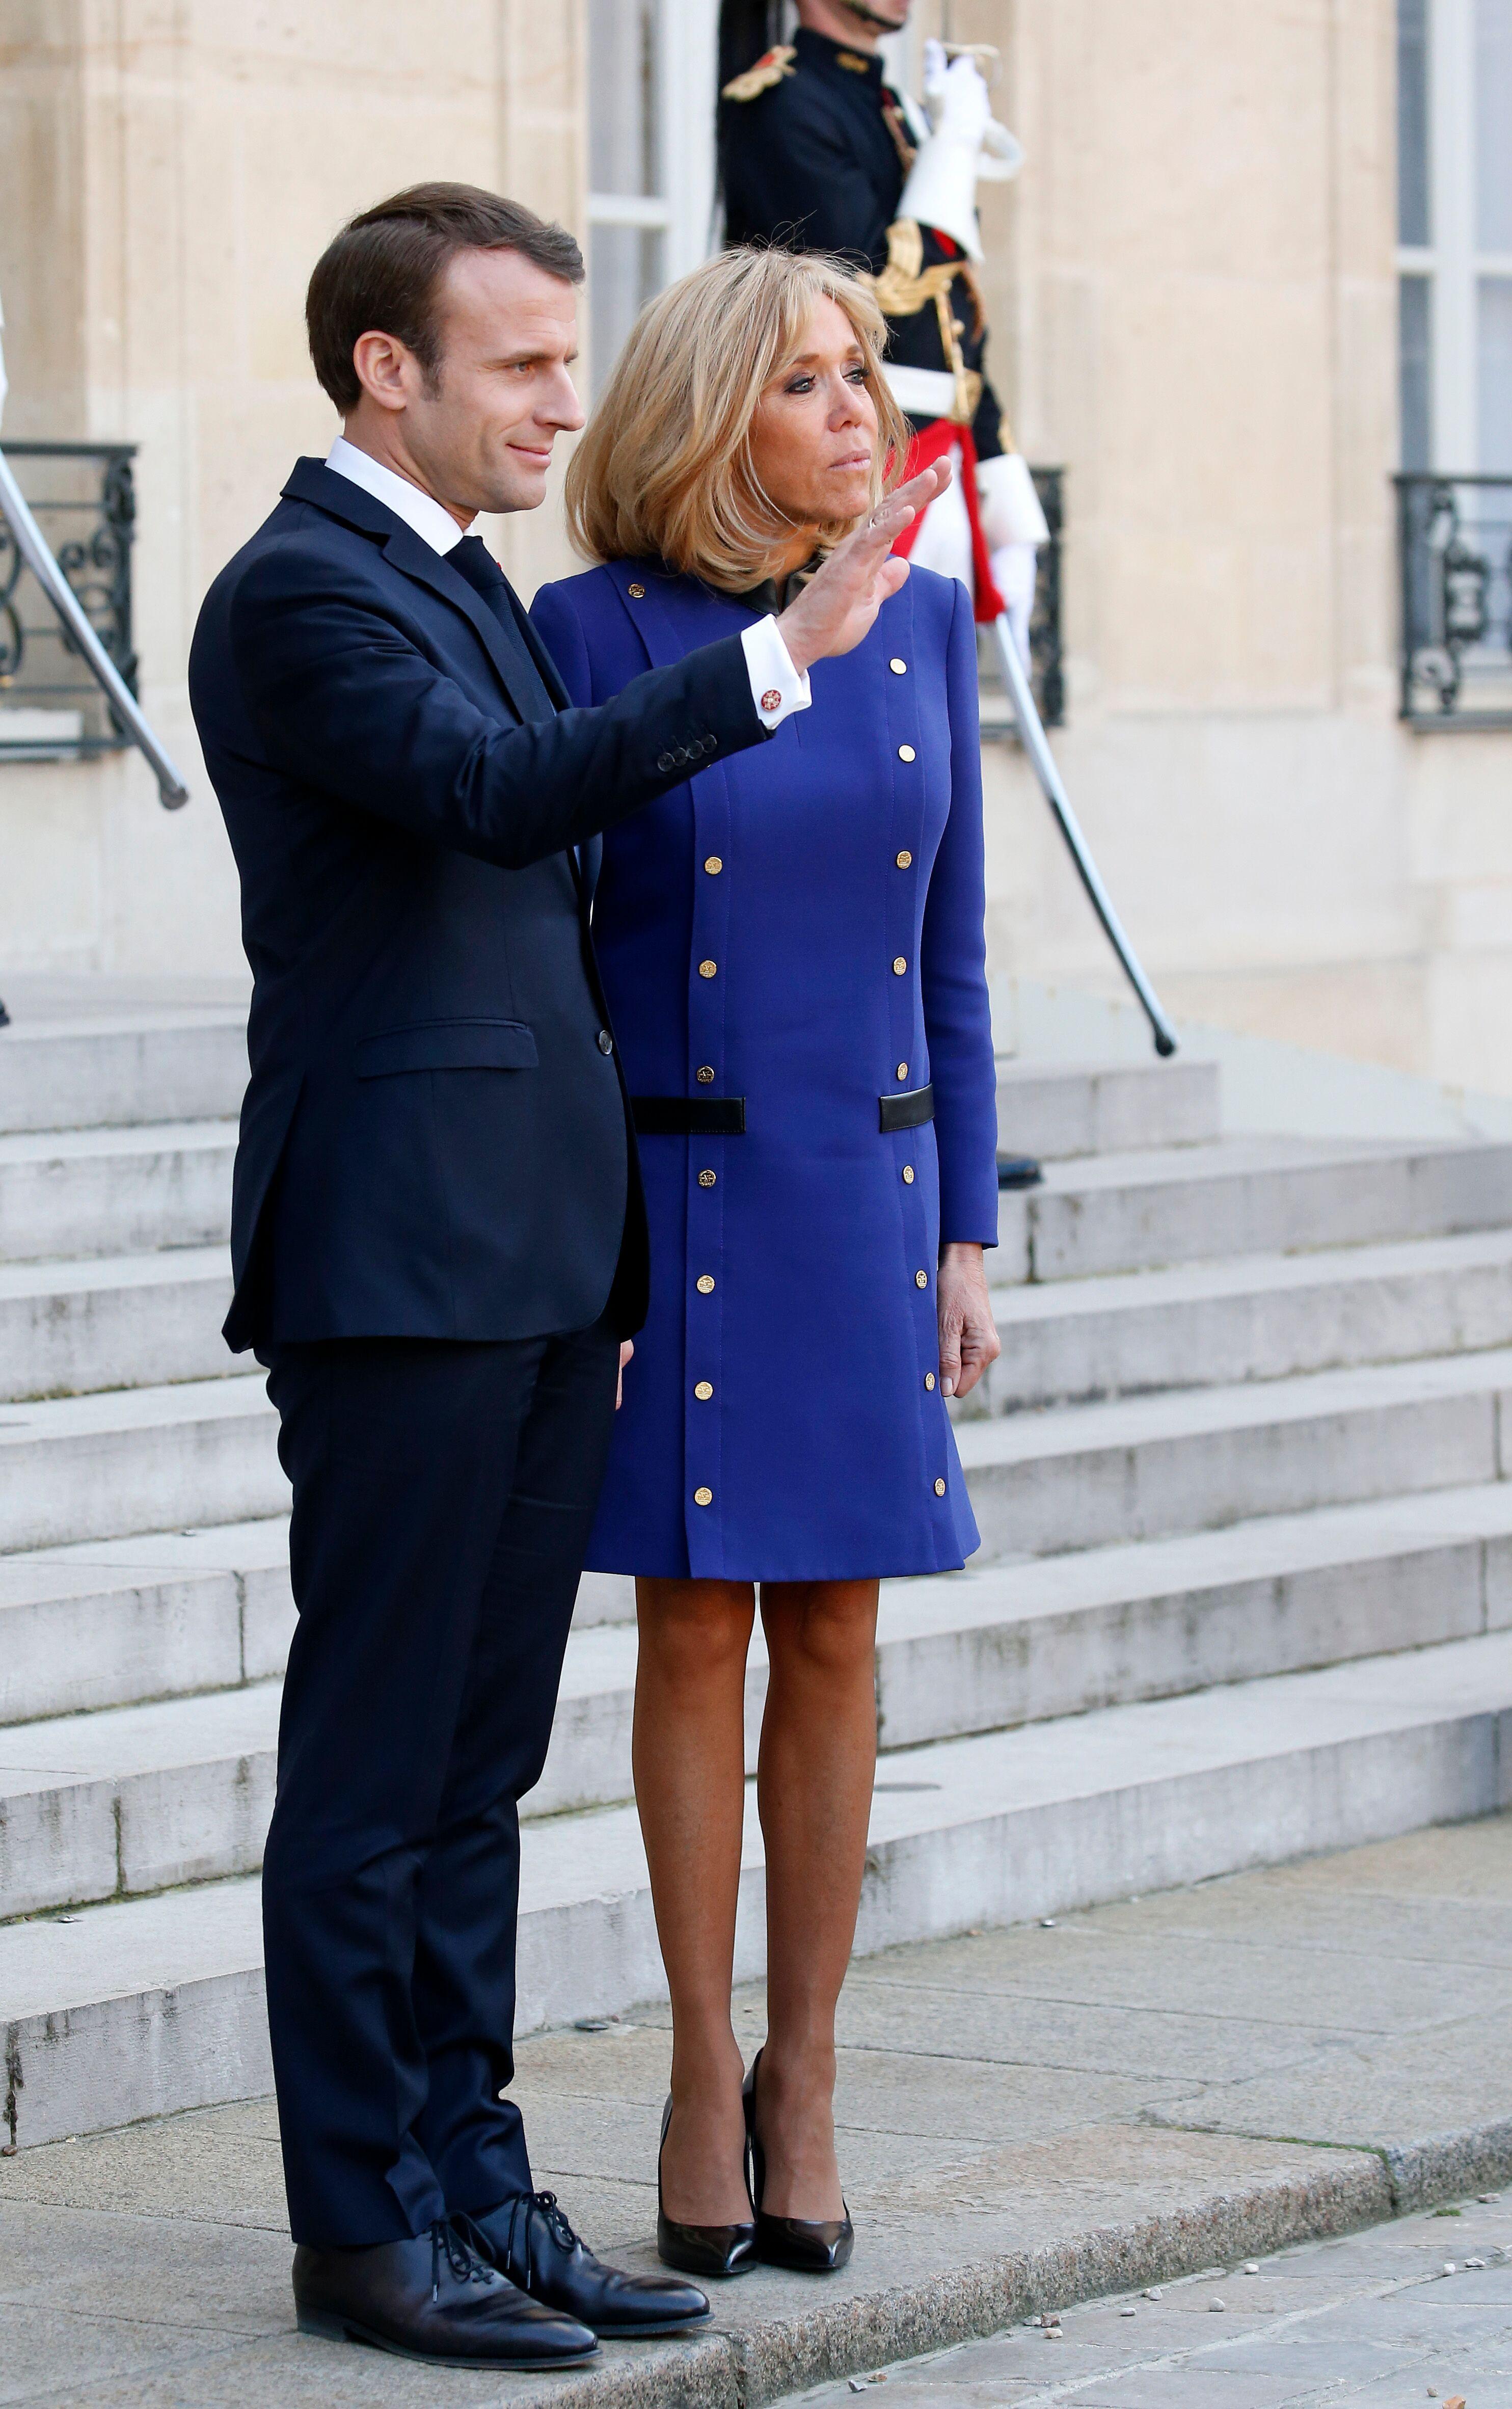 Brigitte et Emmanuel Macron sur les marches de l'Élysée. l Source: Getty Images